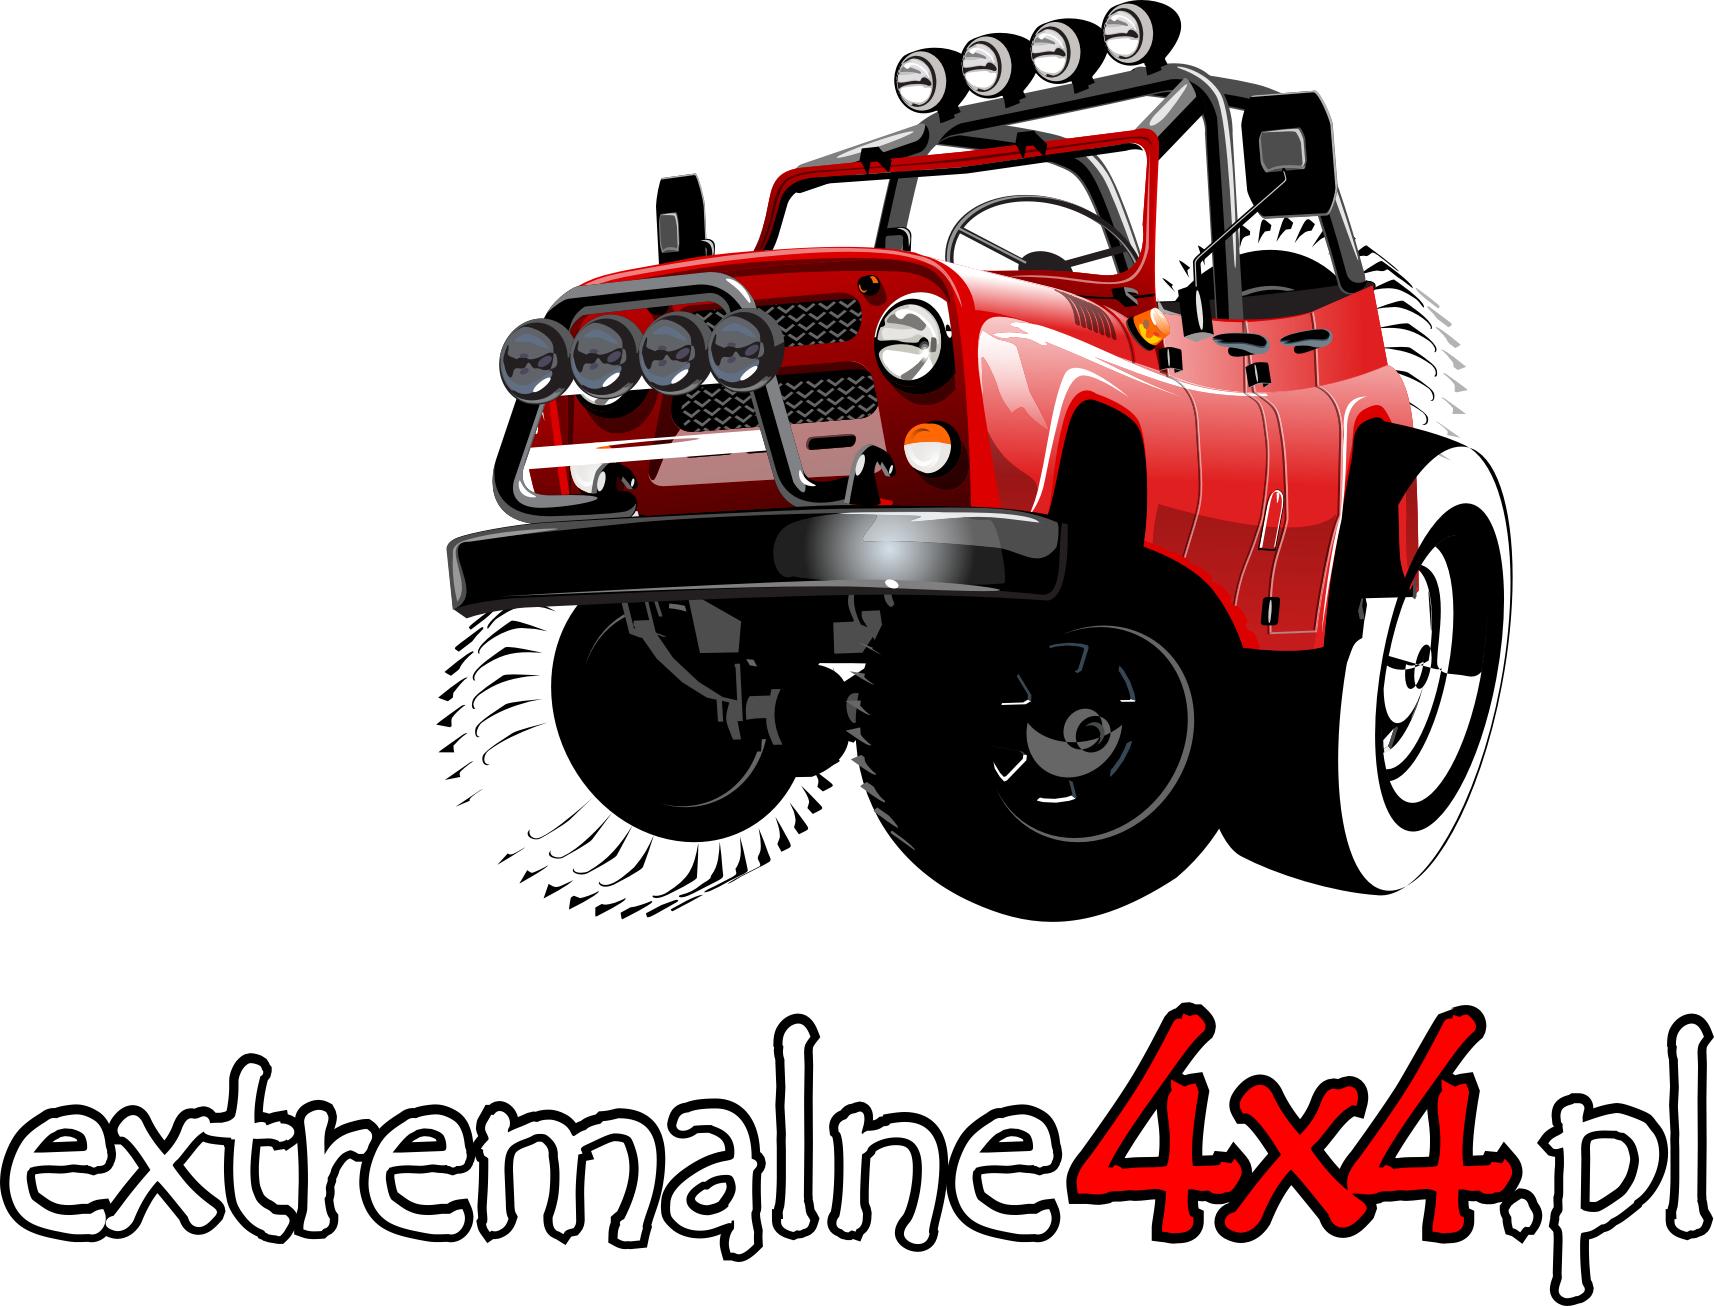 Extremalne4x4